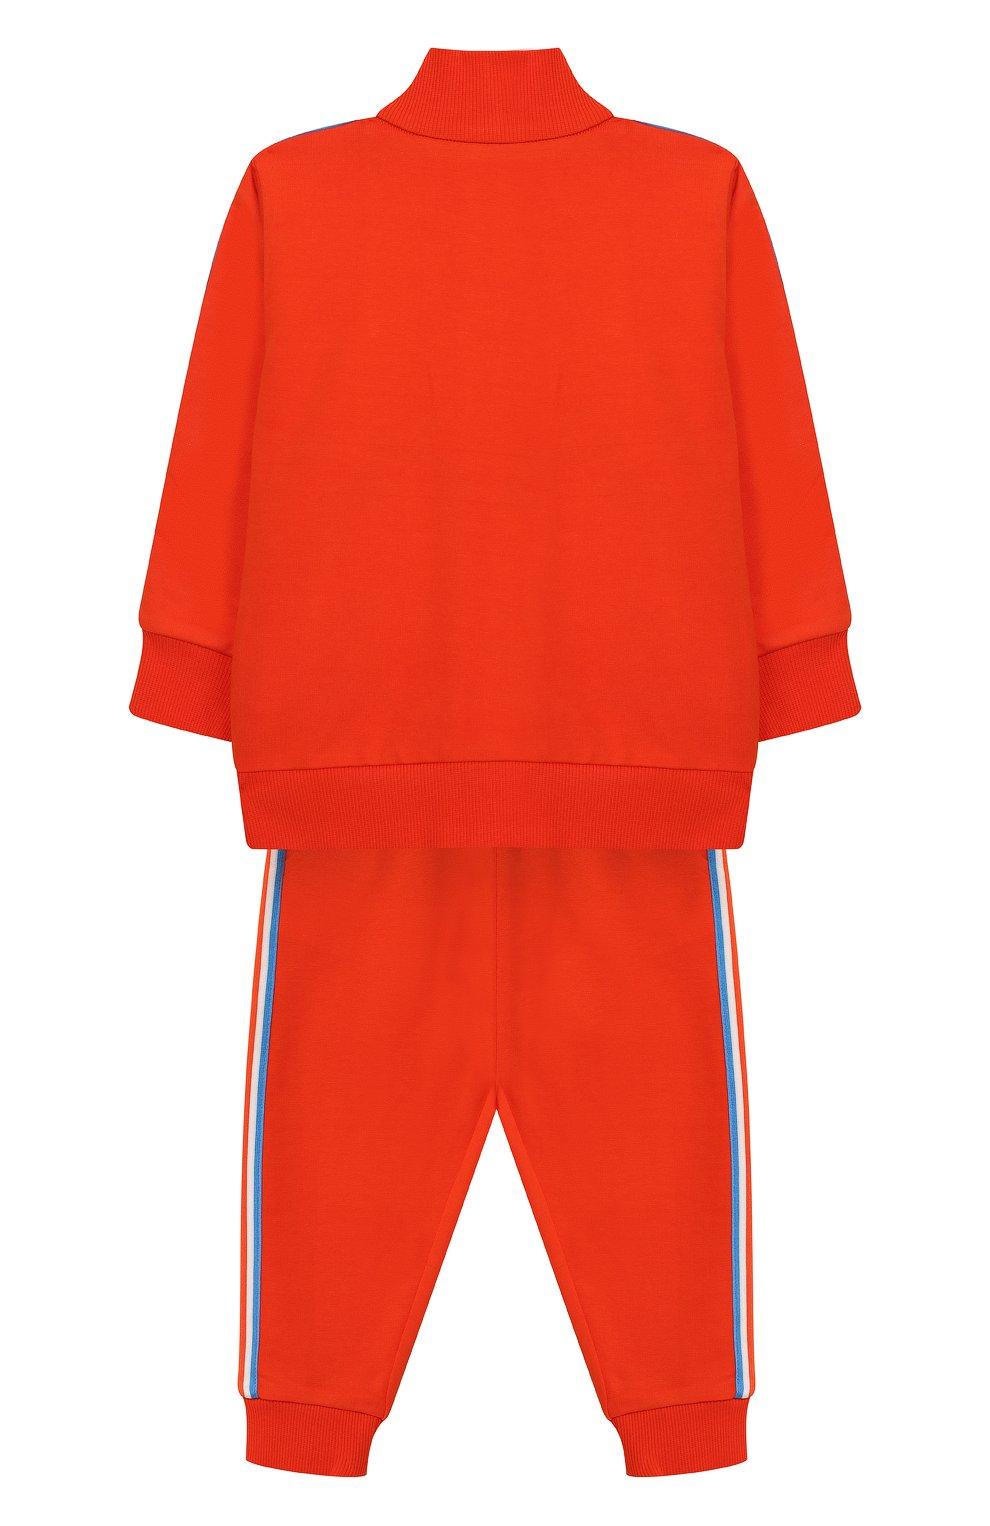 Детский комплект из хлопкового кардигана и брюк MONCLER ENFANT оранжевого цвета, арт. E1-951-88126-05-809AC | Фото 2